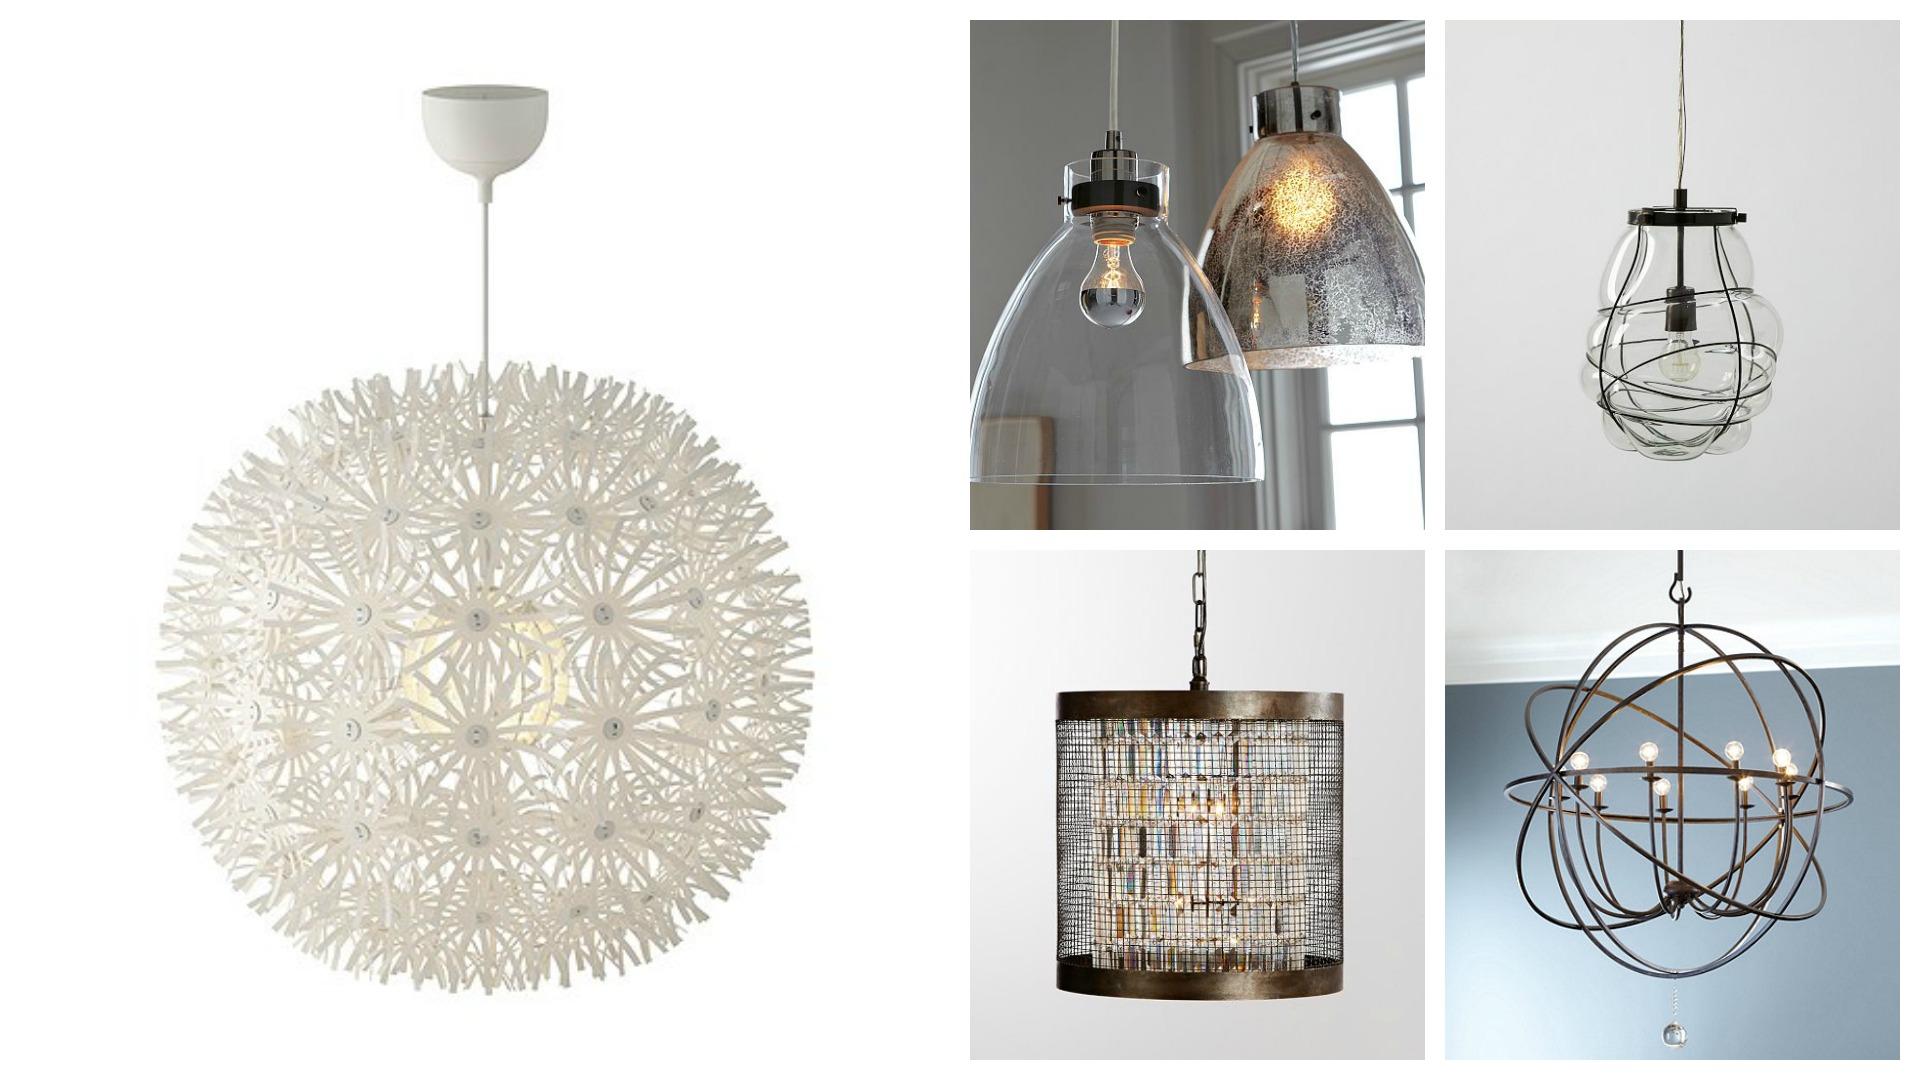 Light fixtures and chandeliers